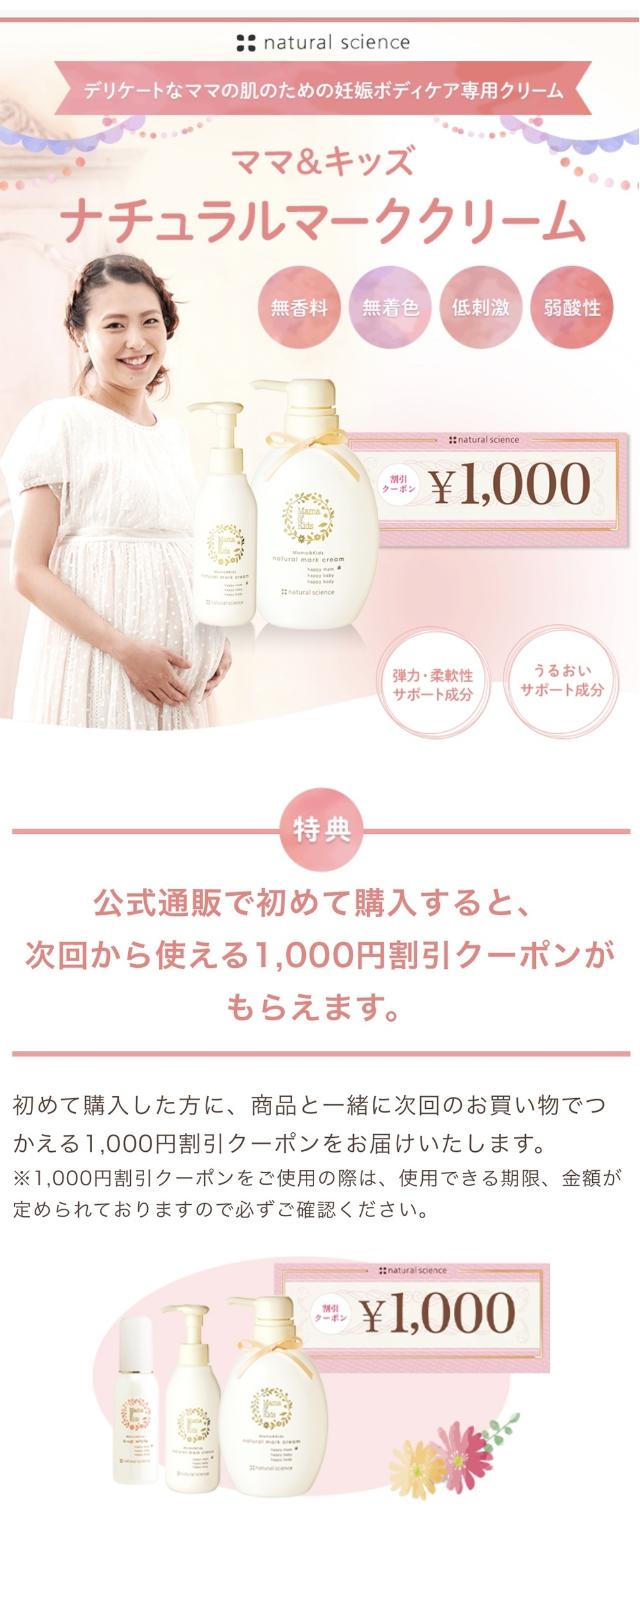 1000円割引クーポンがもらえる!プレママのマストアイテム、妊娠線ケアクリーム♪